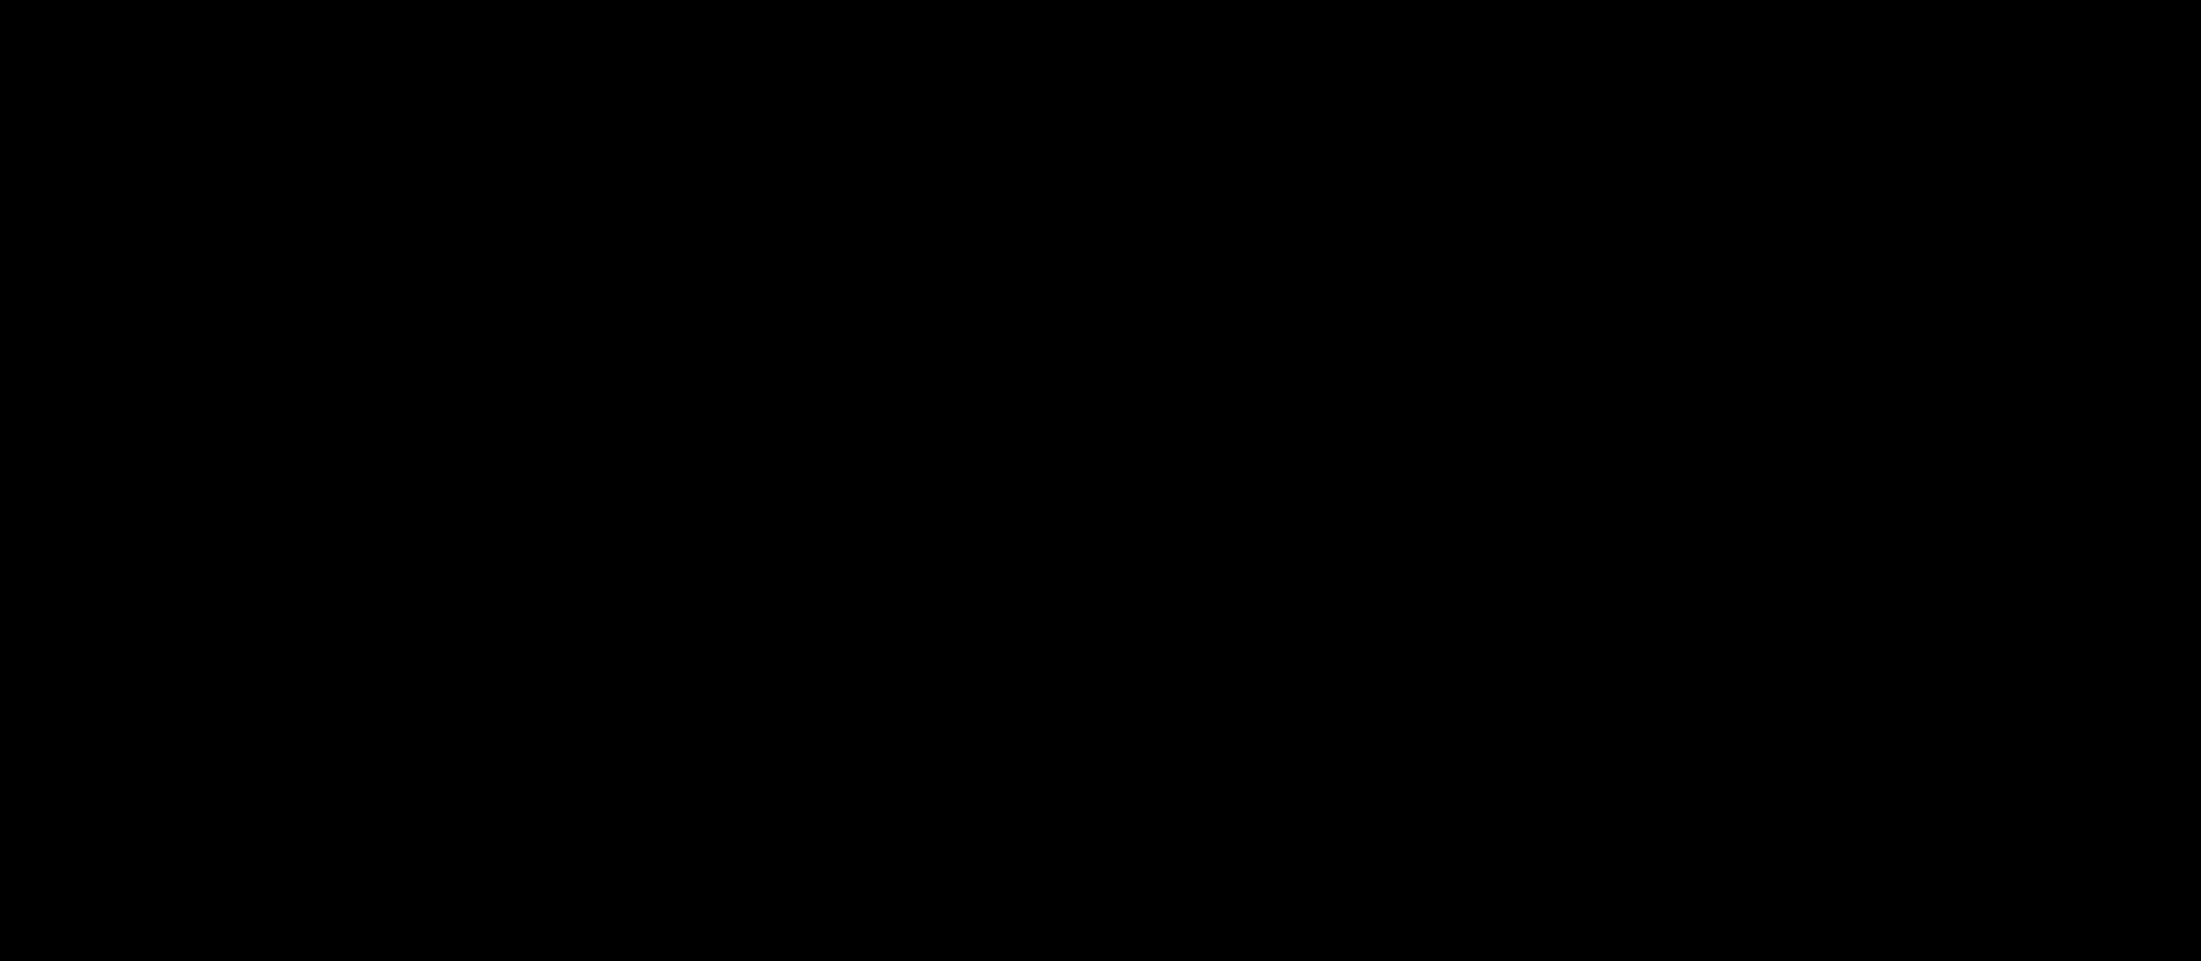 Sting-logo-RGB-black